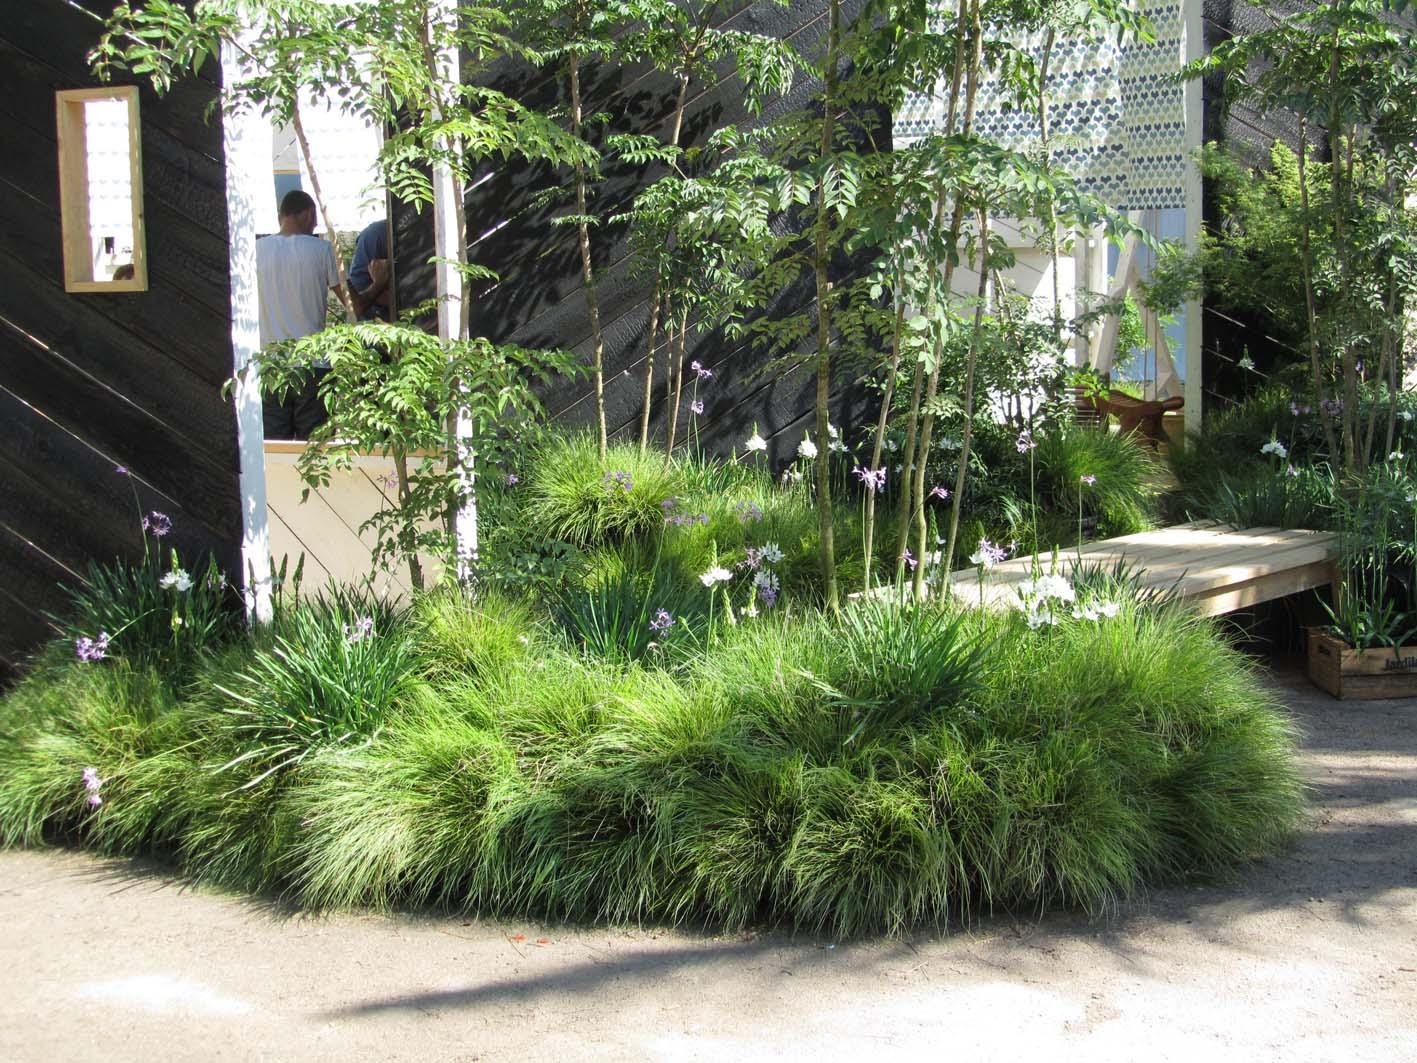 Jardins jardin aux tuileries vysages for Jardin aux tuileries